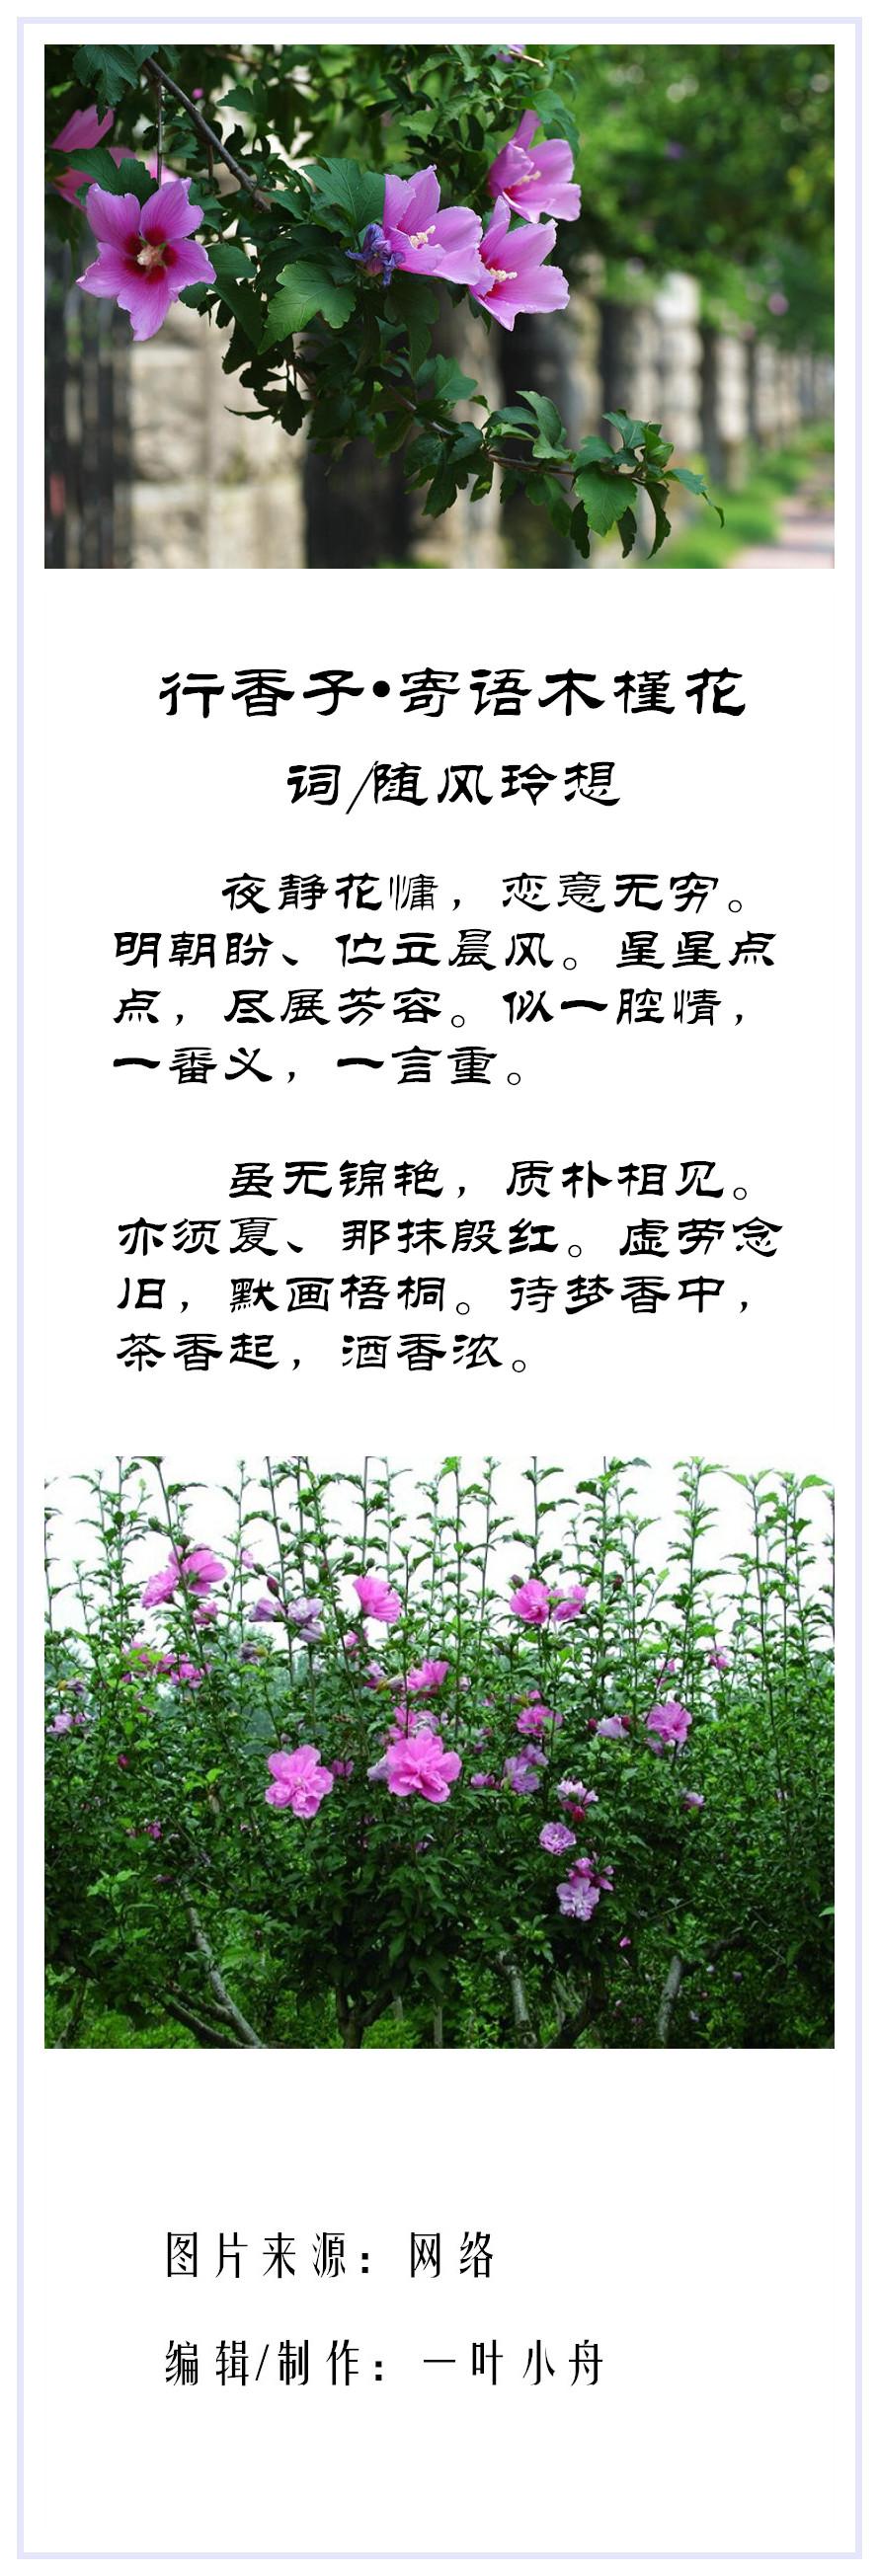 行香子•寄语木槿花诗合成